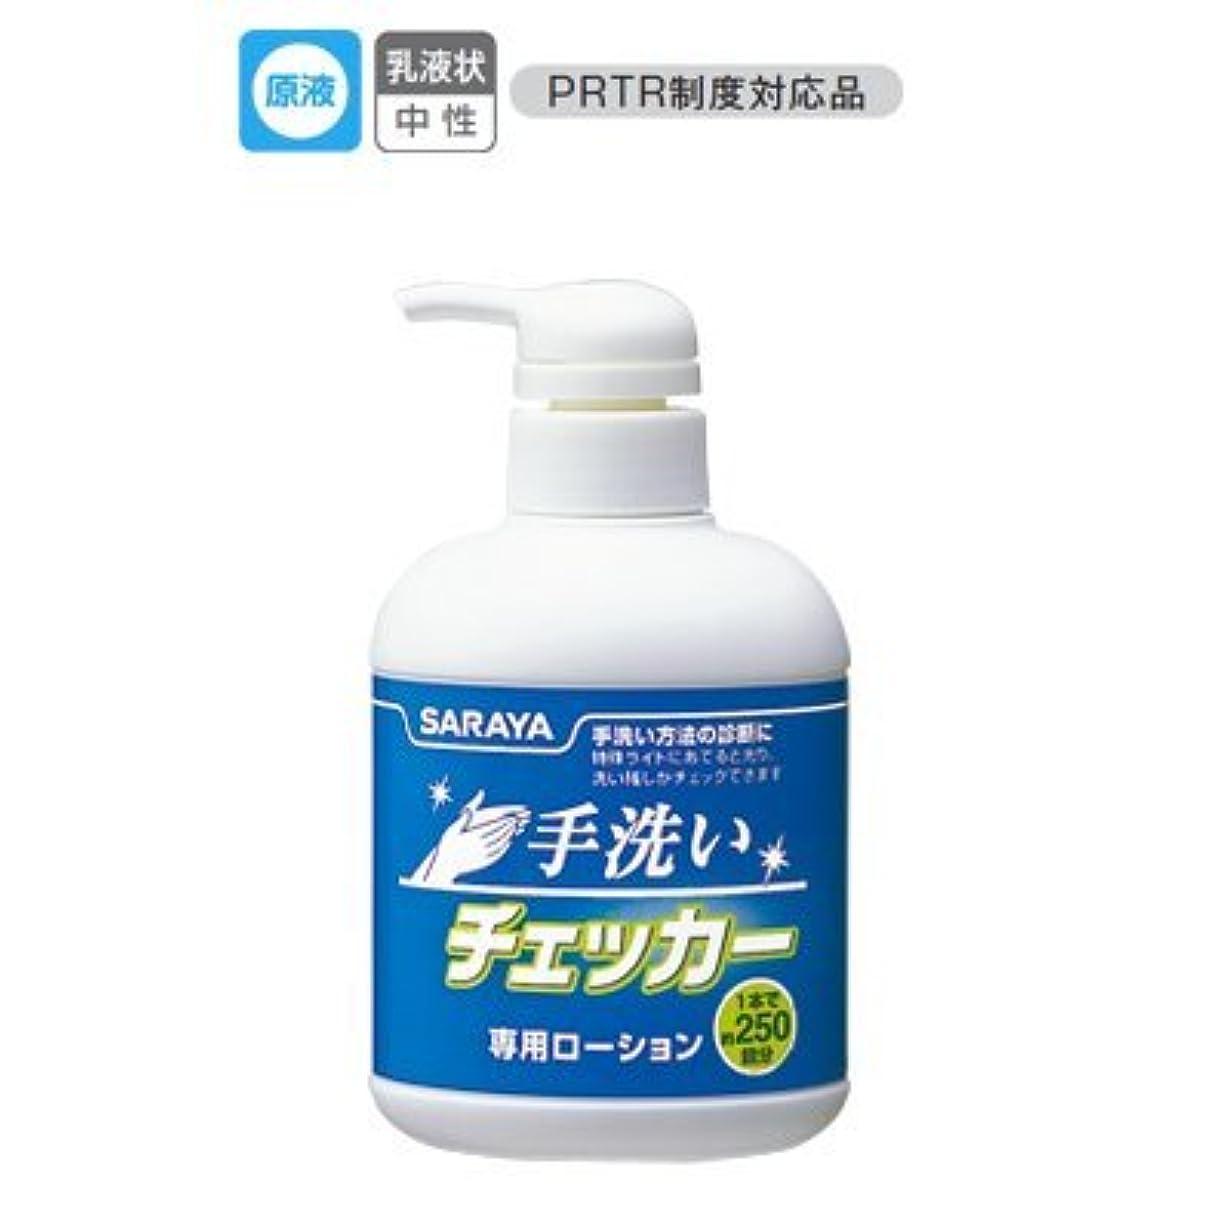 資格スリップ販売員サラヤ 手洗いチェッカー 専用ローション 250mL【清潔キレイ館】